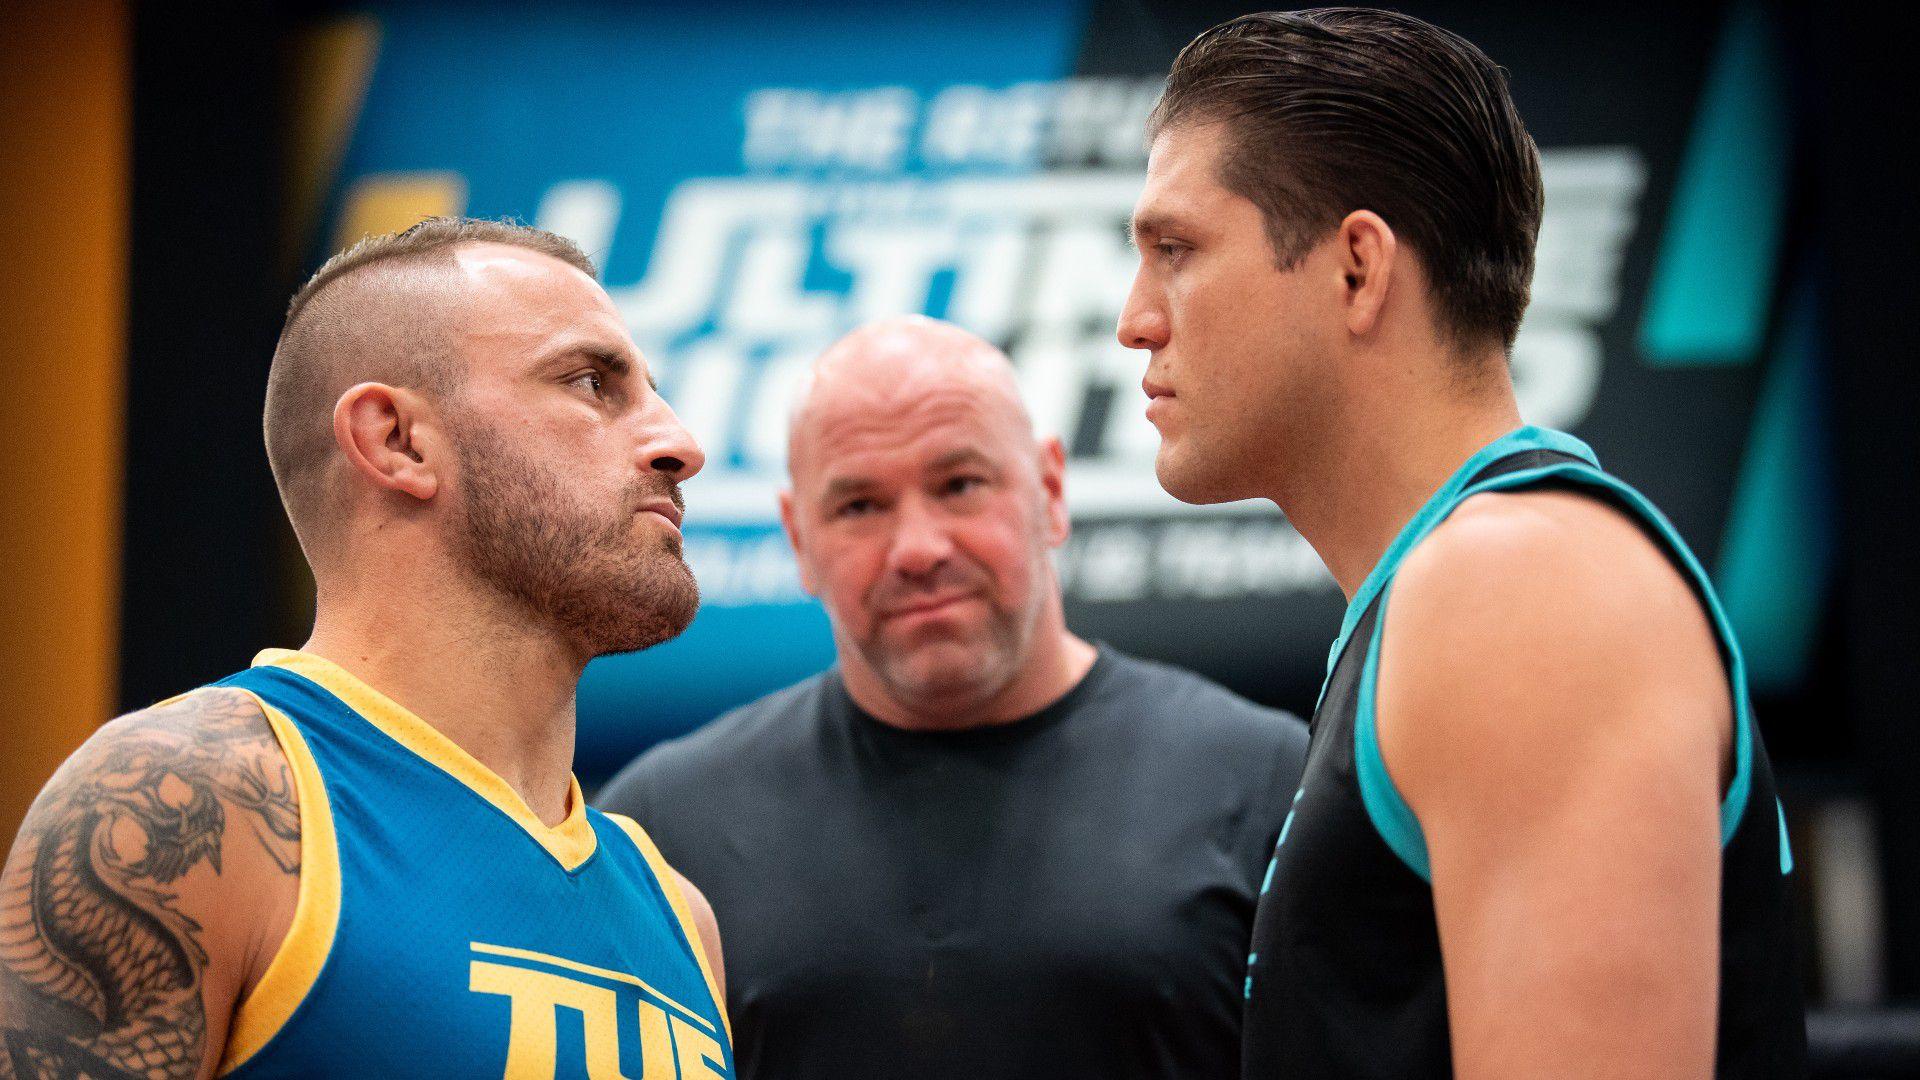 EXCLUSIVE: Aussie UFC star Alexander Volkanovski promises to shut down 'douchebag' Brian Ortega